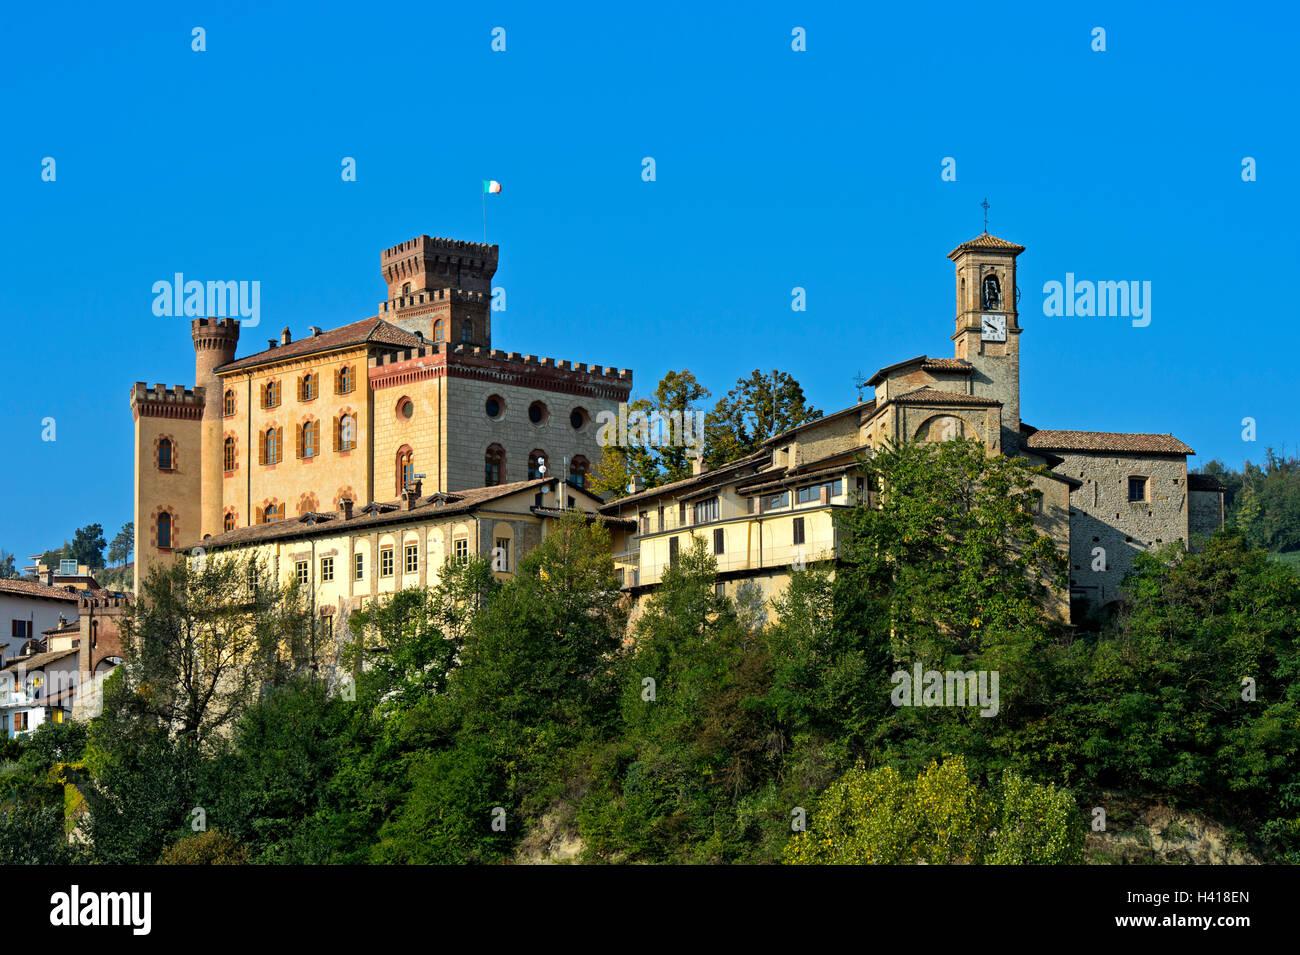 Barolo Castle,  Castello di Barolo, Barolo, Piedmont, Italy - Stock Image